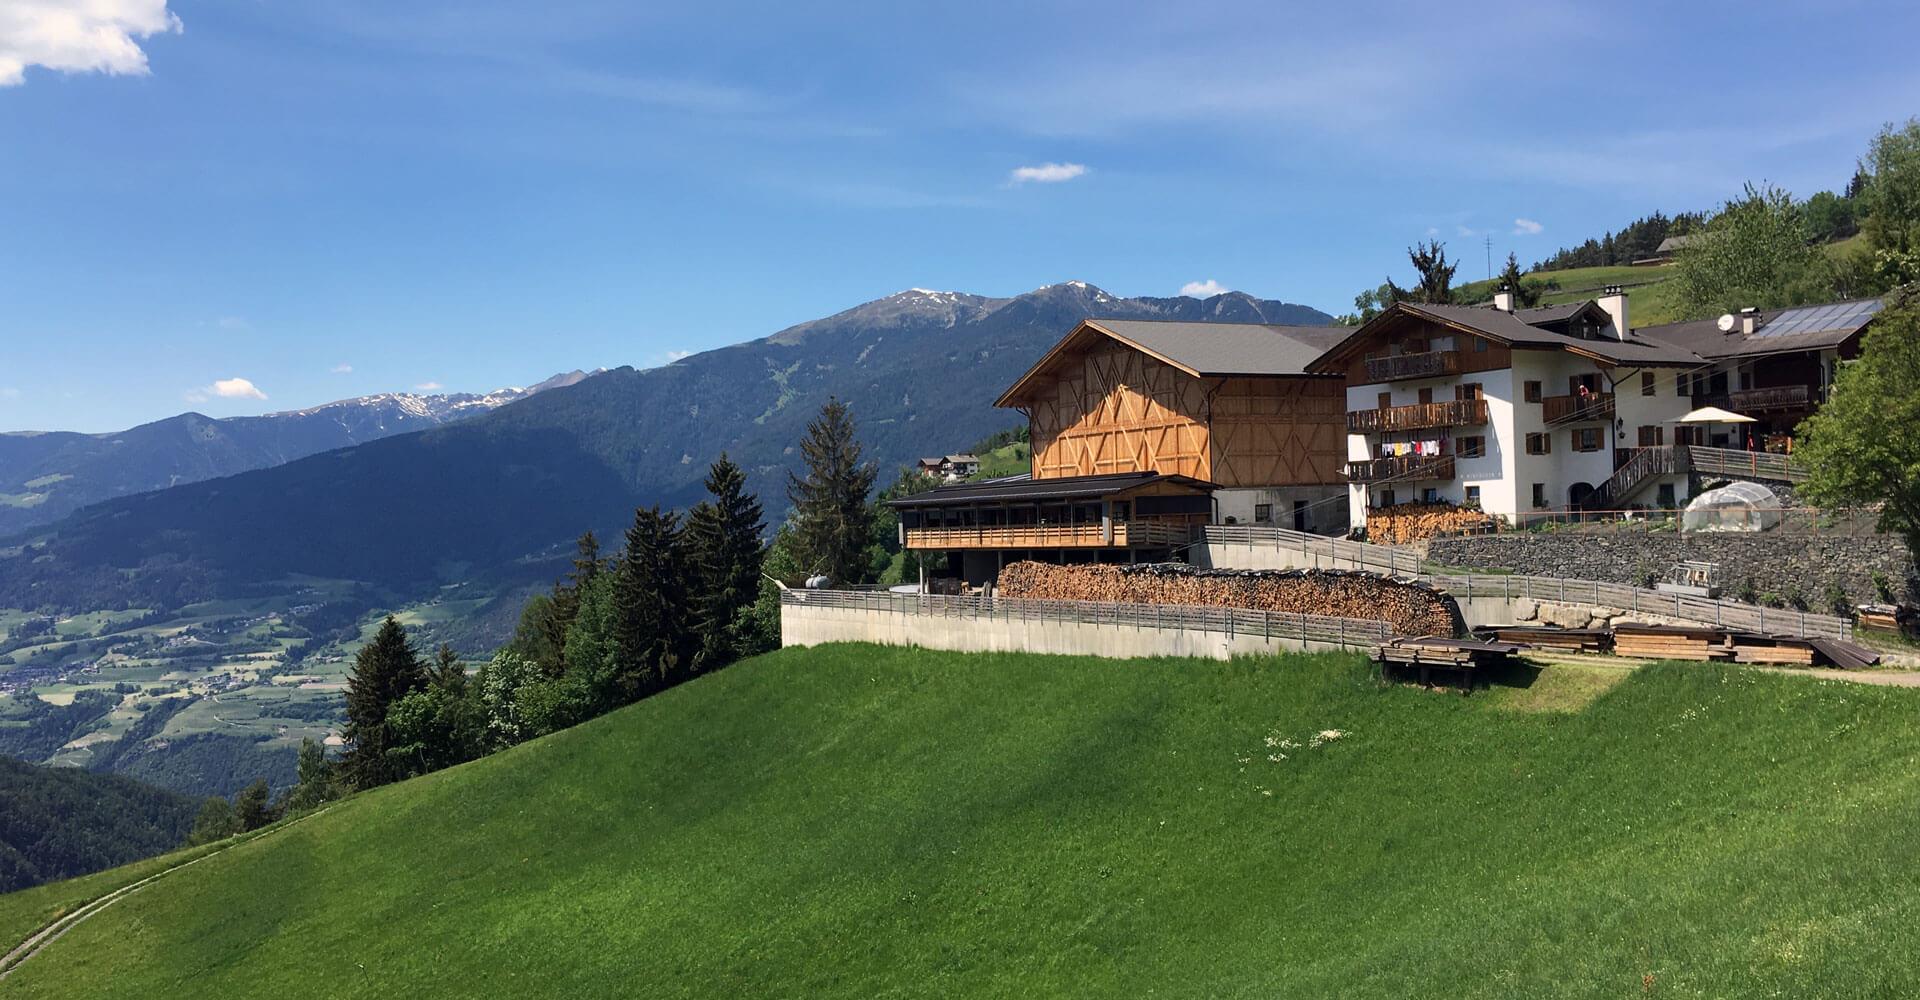 Bauernhofurlaub in Brixen - Plose / Südtirol